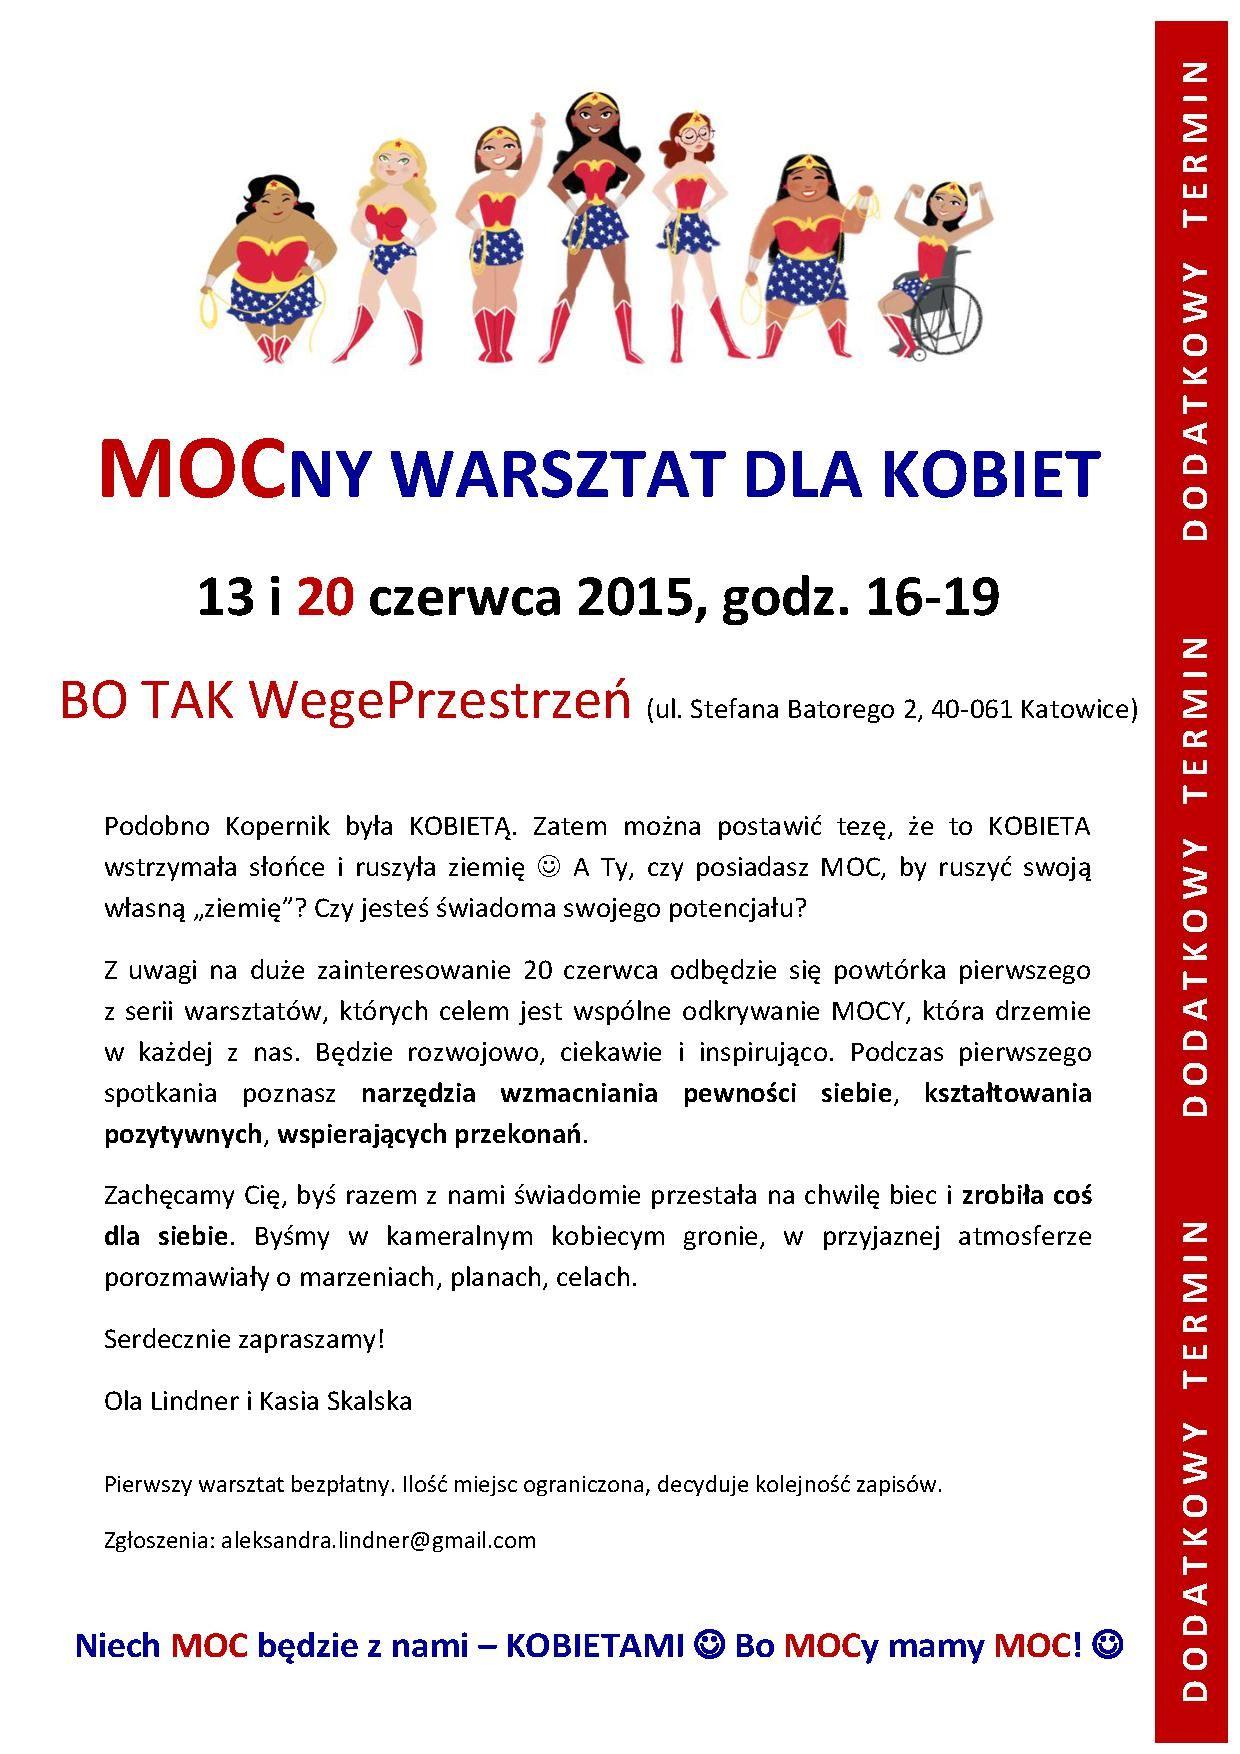 20150611_MOCny warsztat dla kobiet_dodatkowy termin